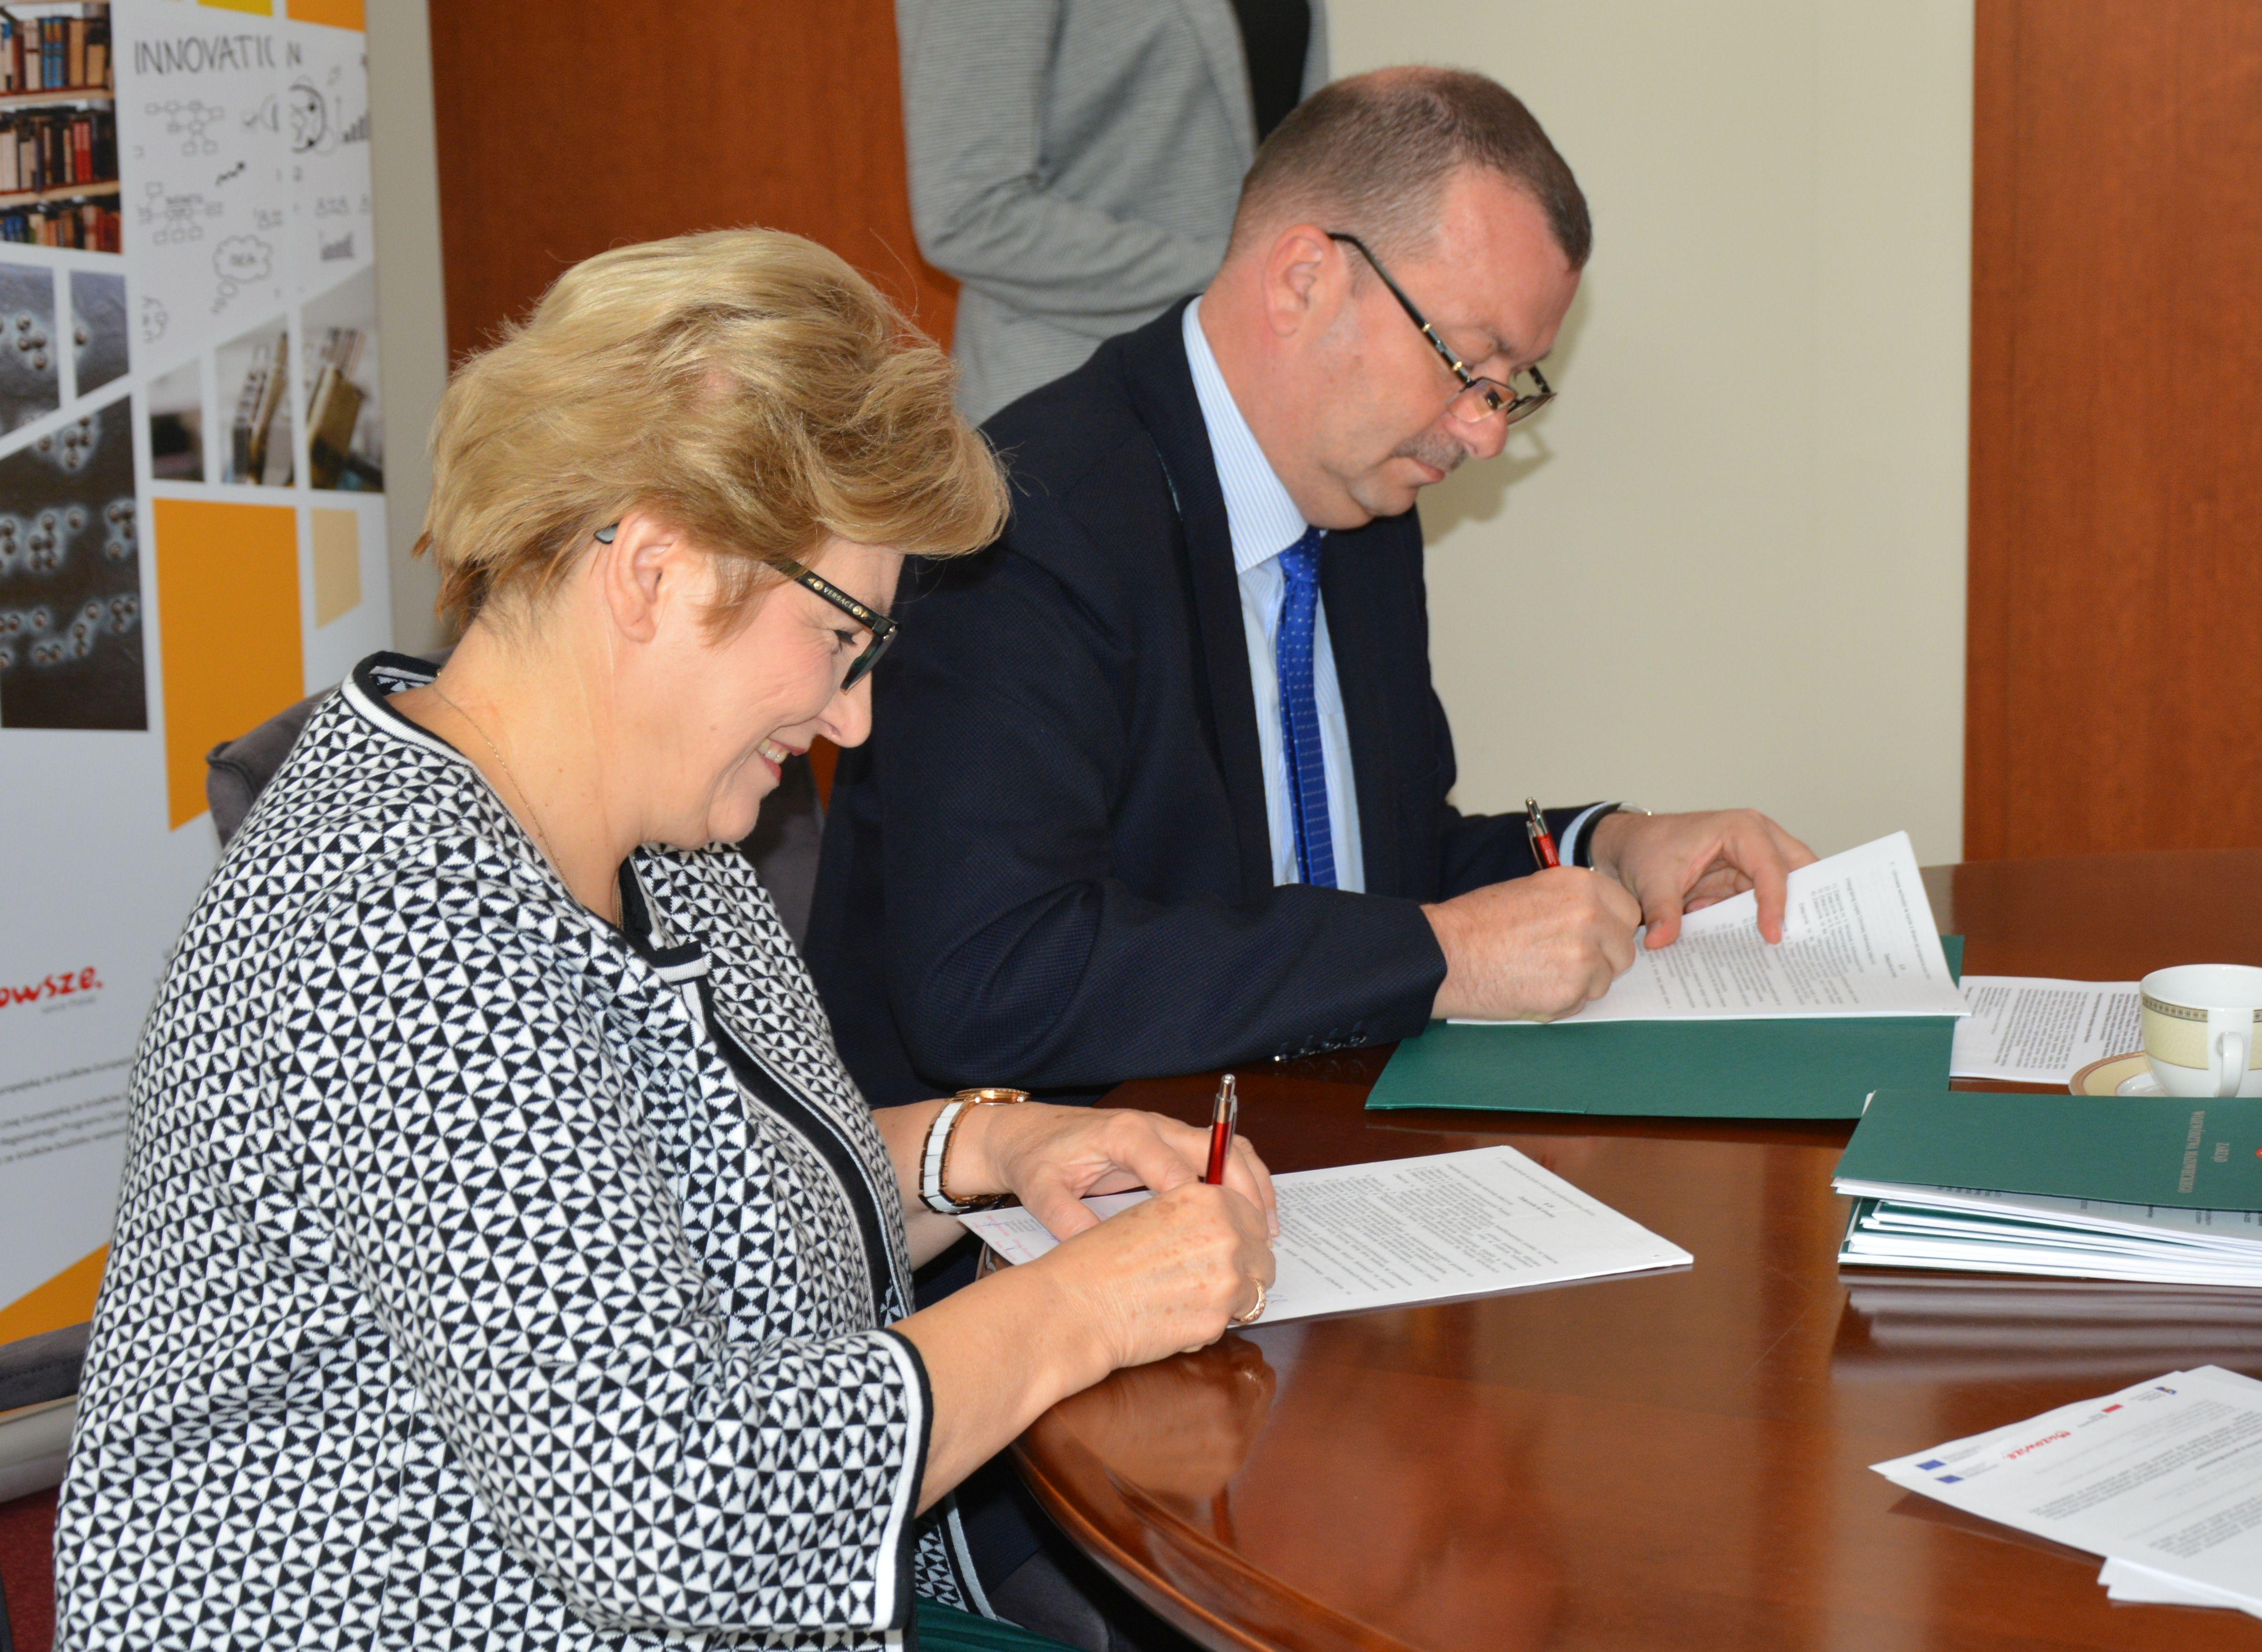 Przedstawiciele Zarządu Woj. Mazowieckiego podpisują umowę na dotacje na drugą ścieżkę rowerową